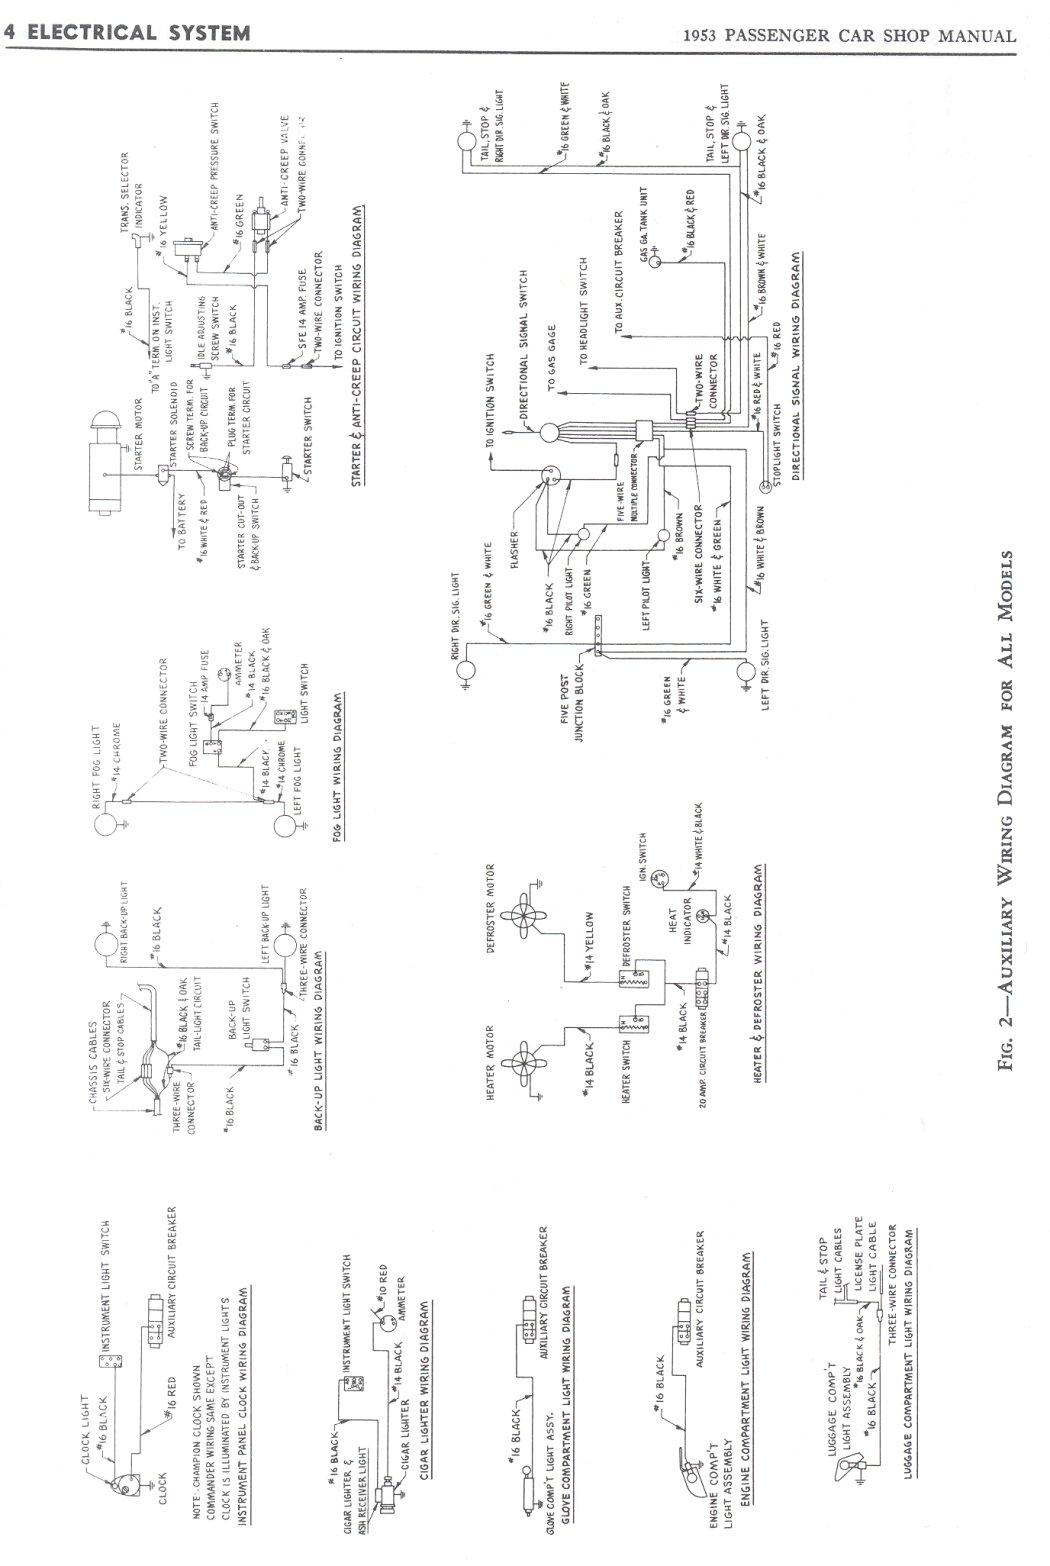 1950 Studebaker Champion Wiring Diagrams